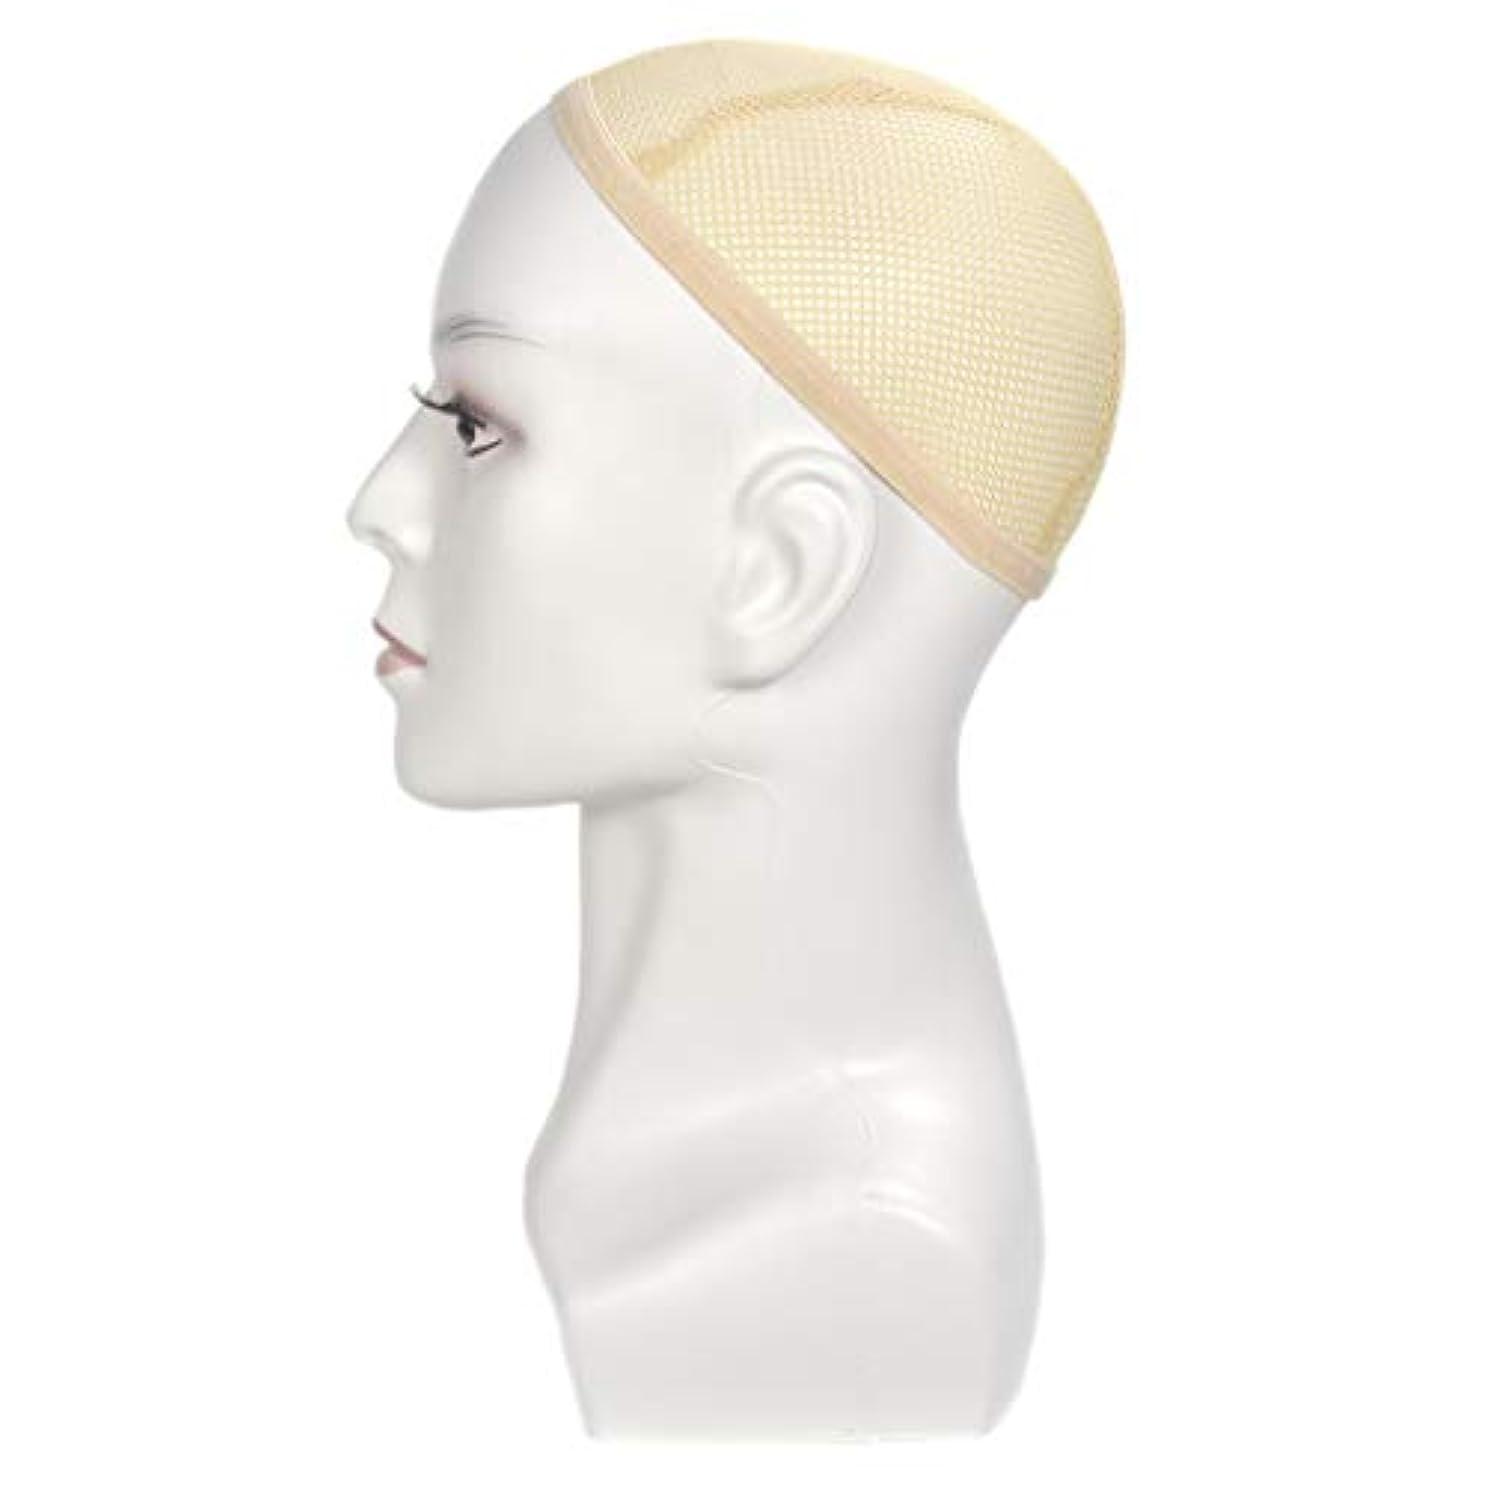 シェーバーティーンエイジャーレモンCUTICATE マネキンヘッド ディスプレイ メイクトレーニング 化粧 美容 店舗 自宅 サロン 全2色 - 白